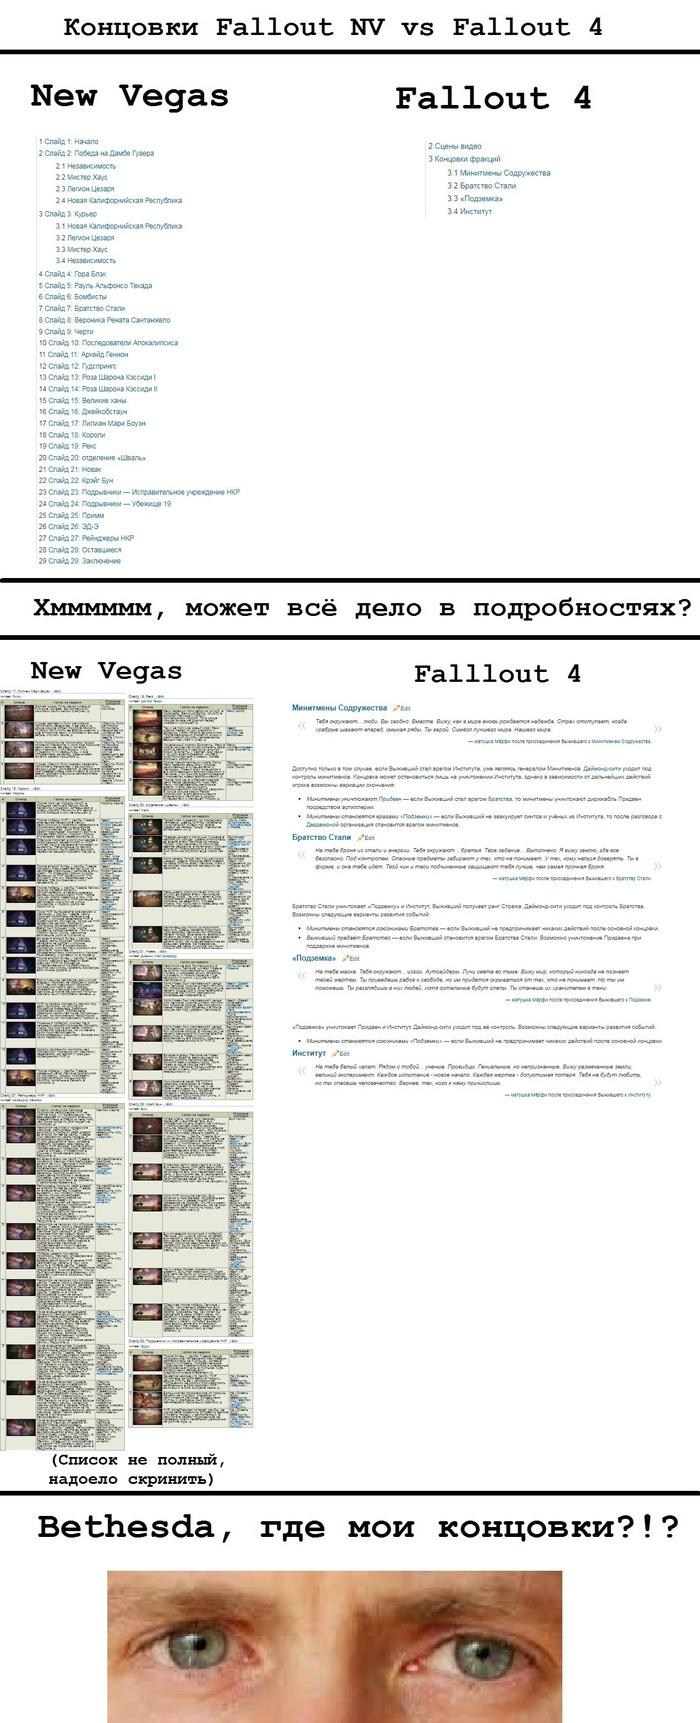 Бетесда верни концовки( Концовка, Fallout, Fallout 4, Fallout: New Vegas, Сравнение, Ньюфаги, Игры, Компьютерные игры, Длиннопост